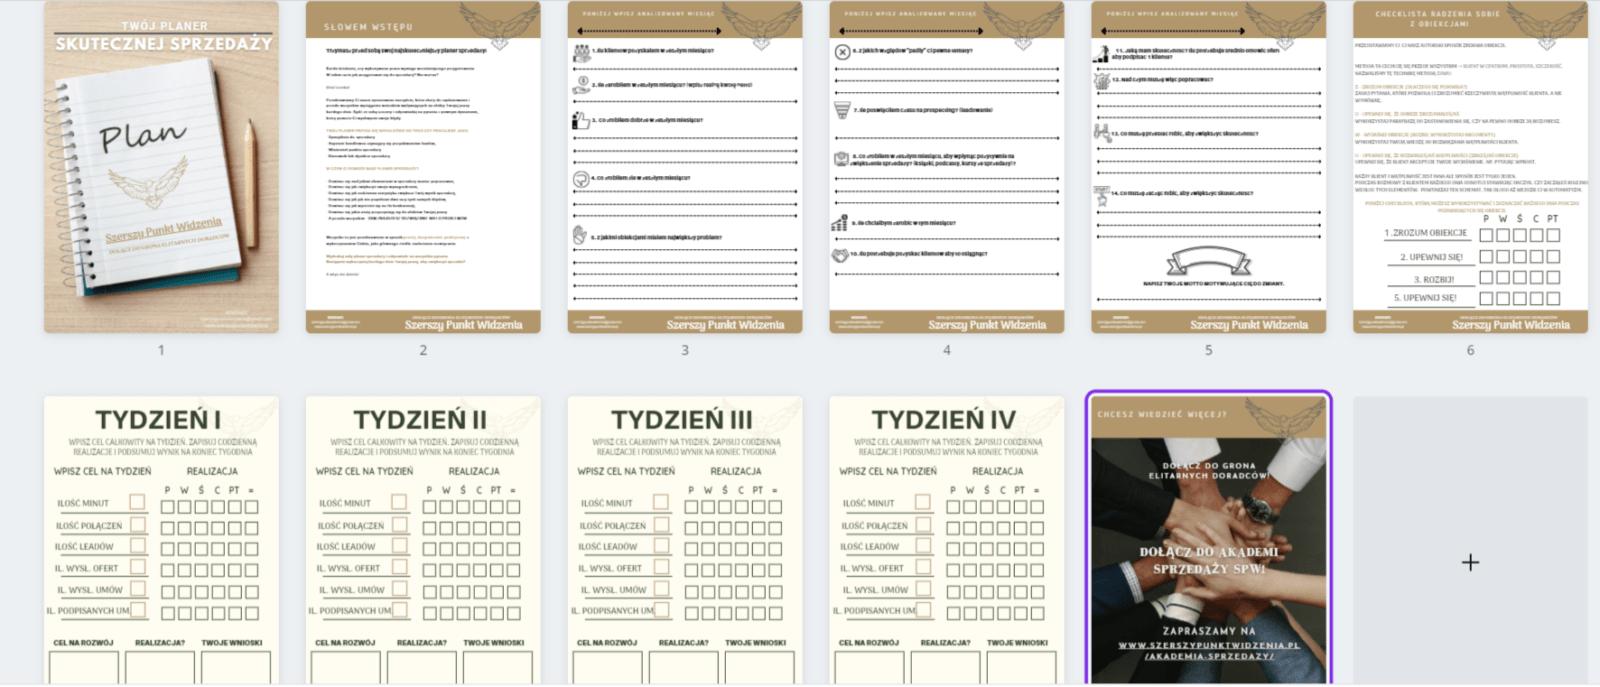 Planer sprzedaży do druku pdf